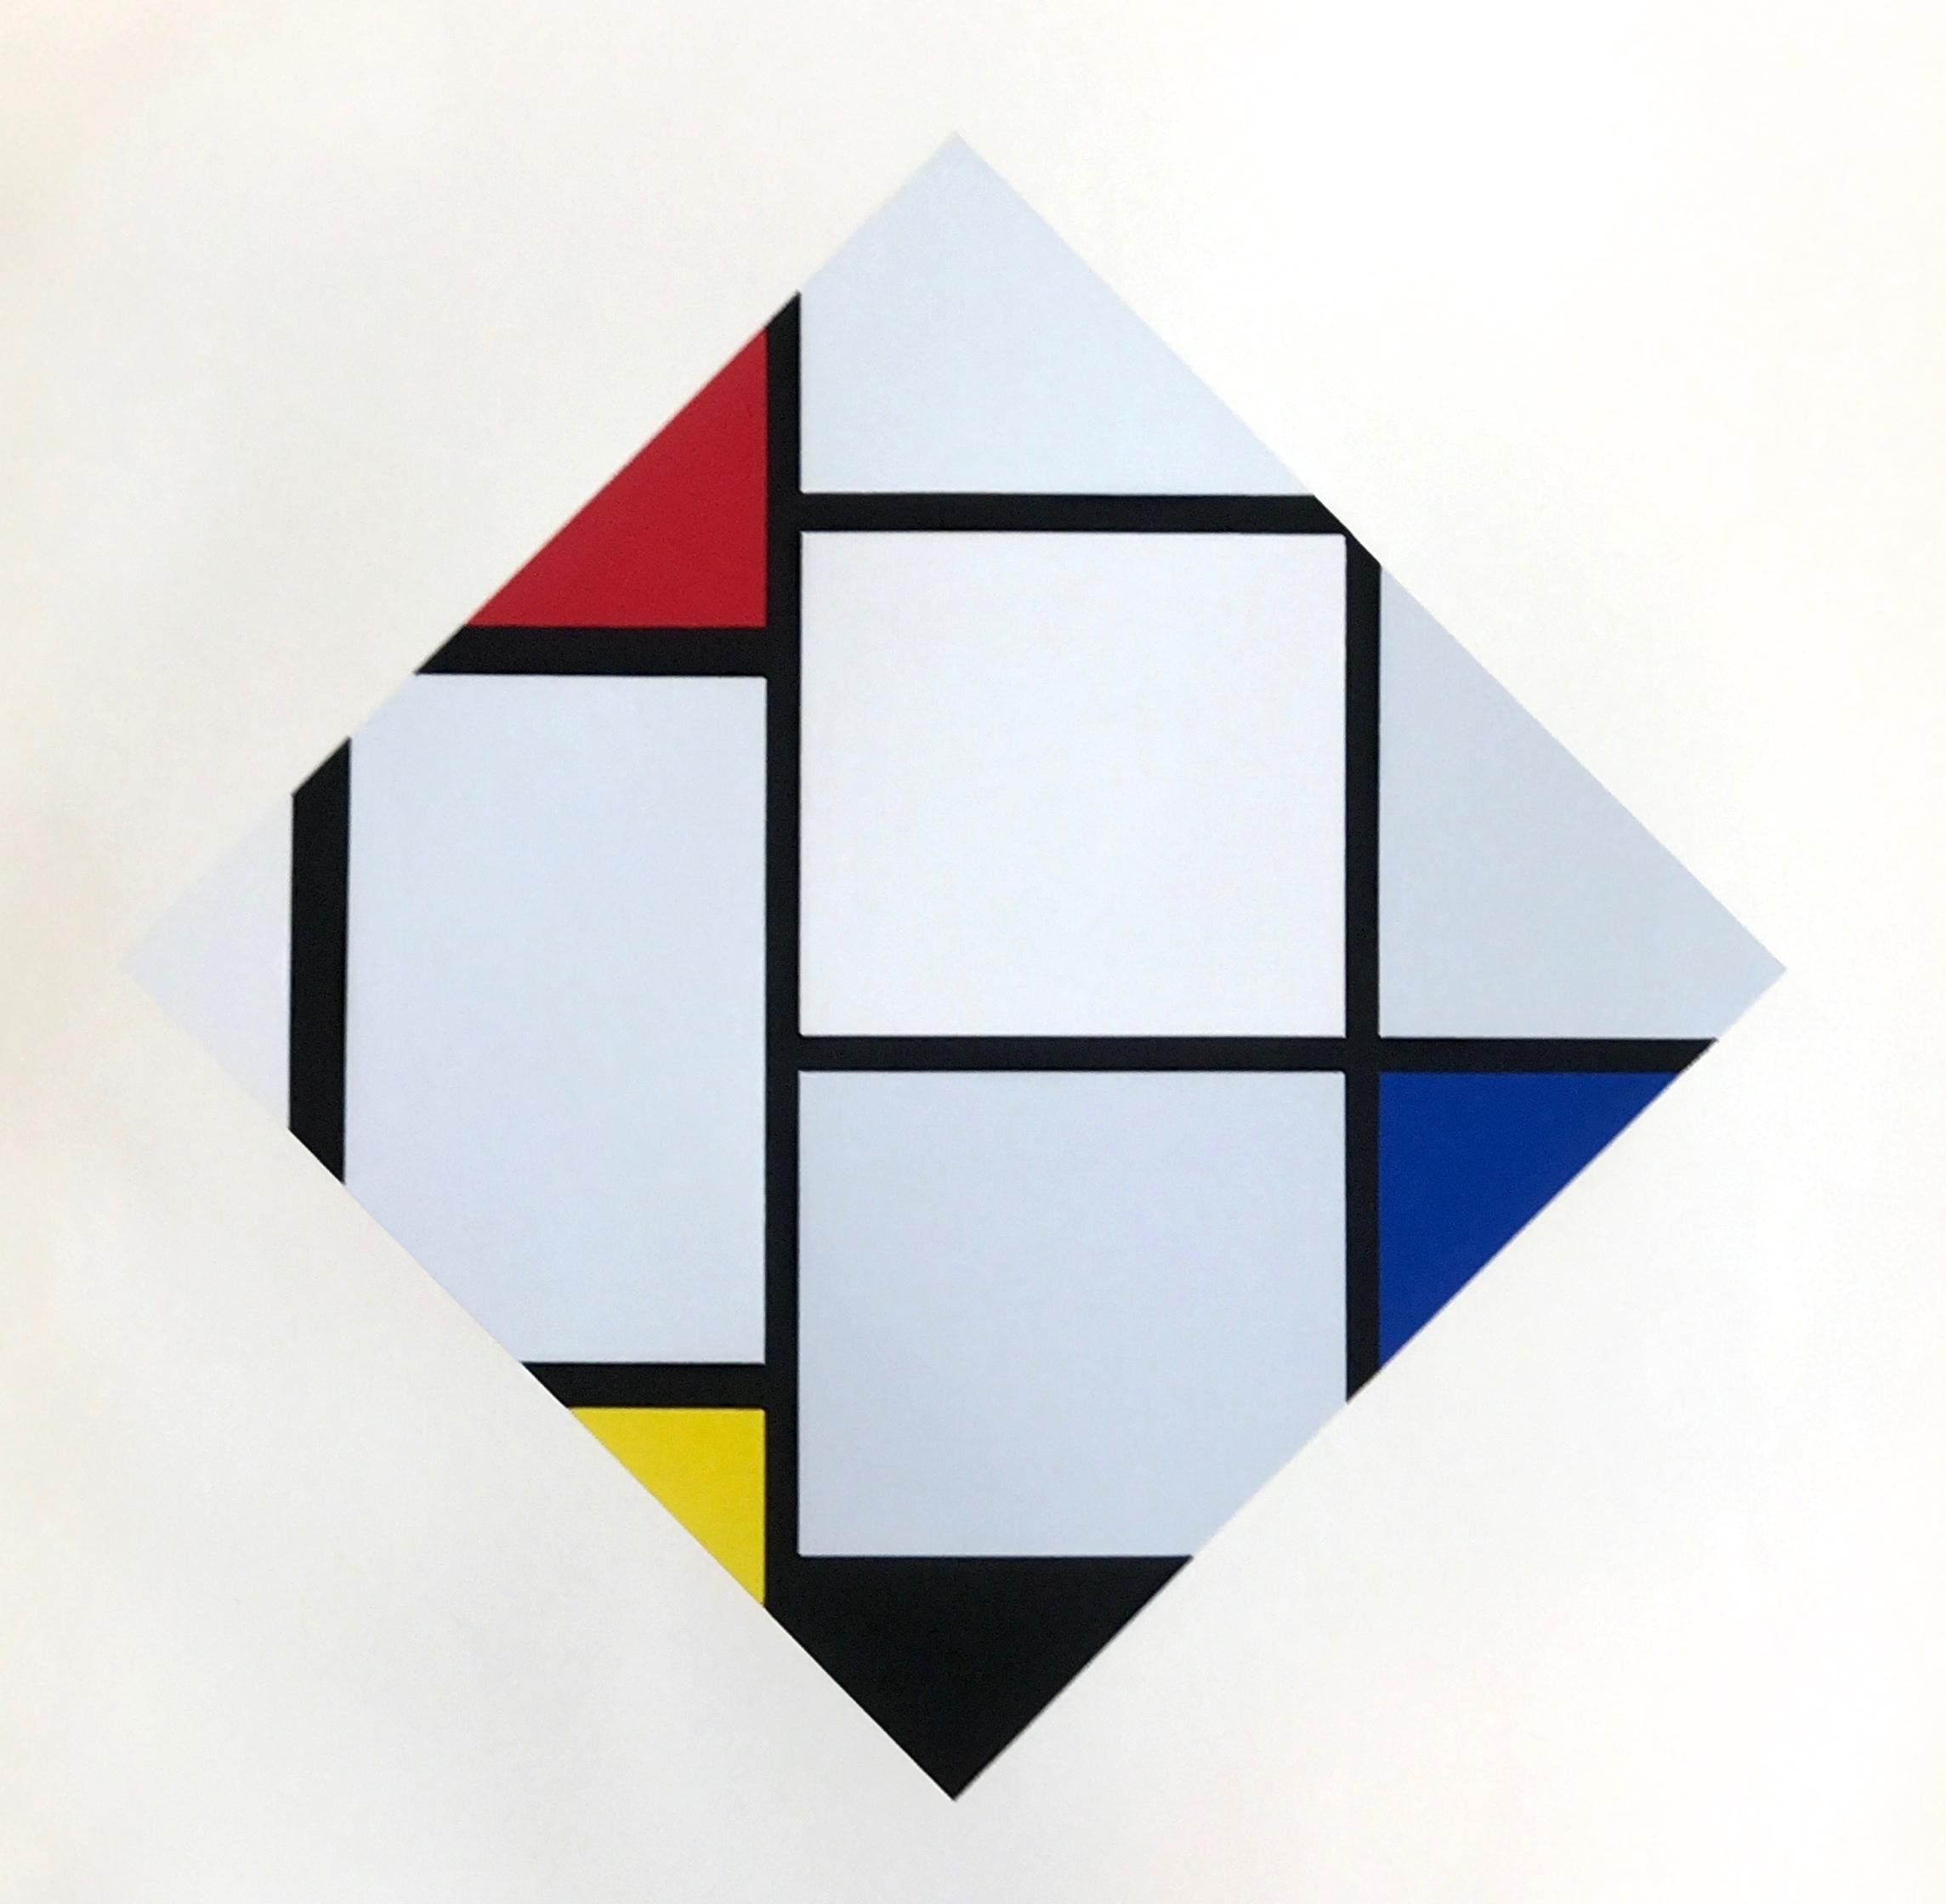 piet mondrian serigraph composition rouge jaune bleu